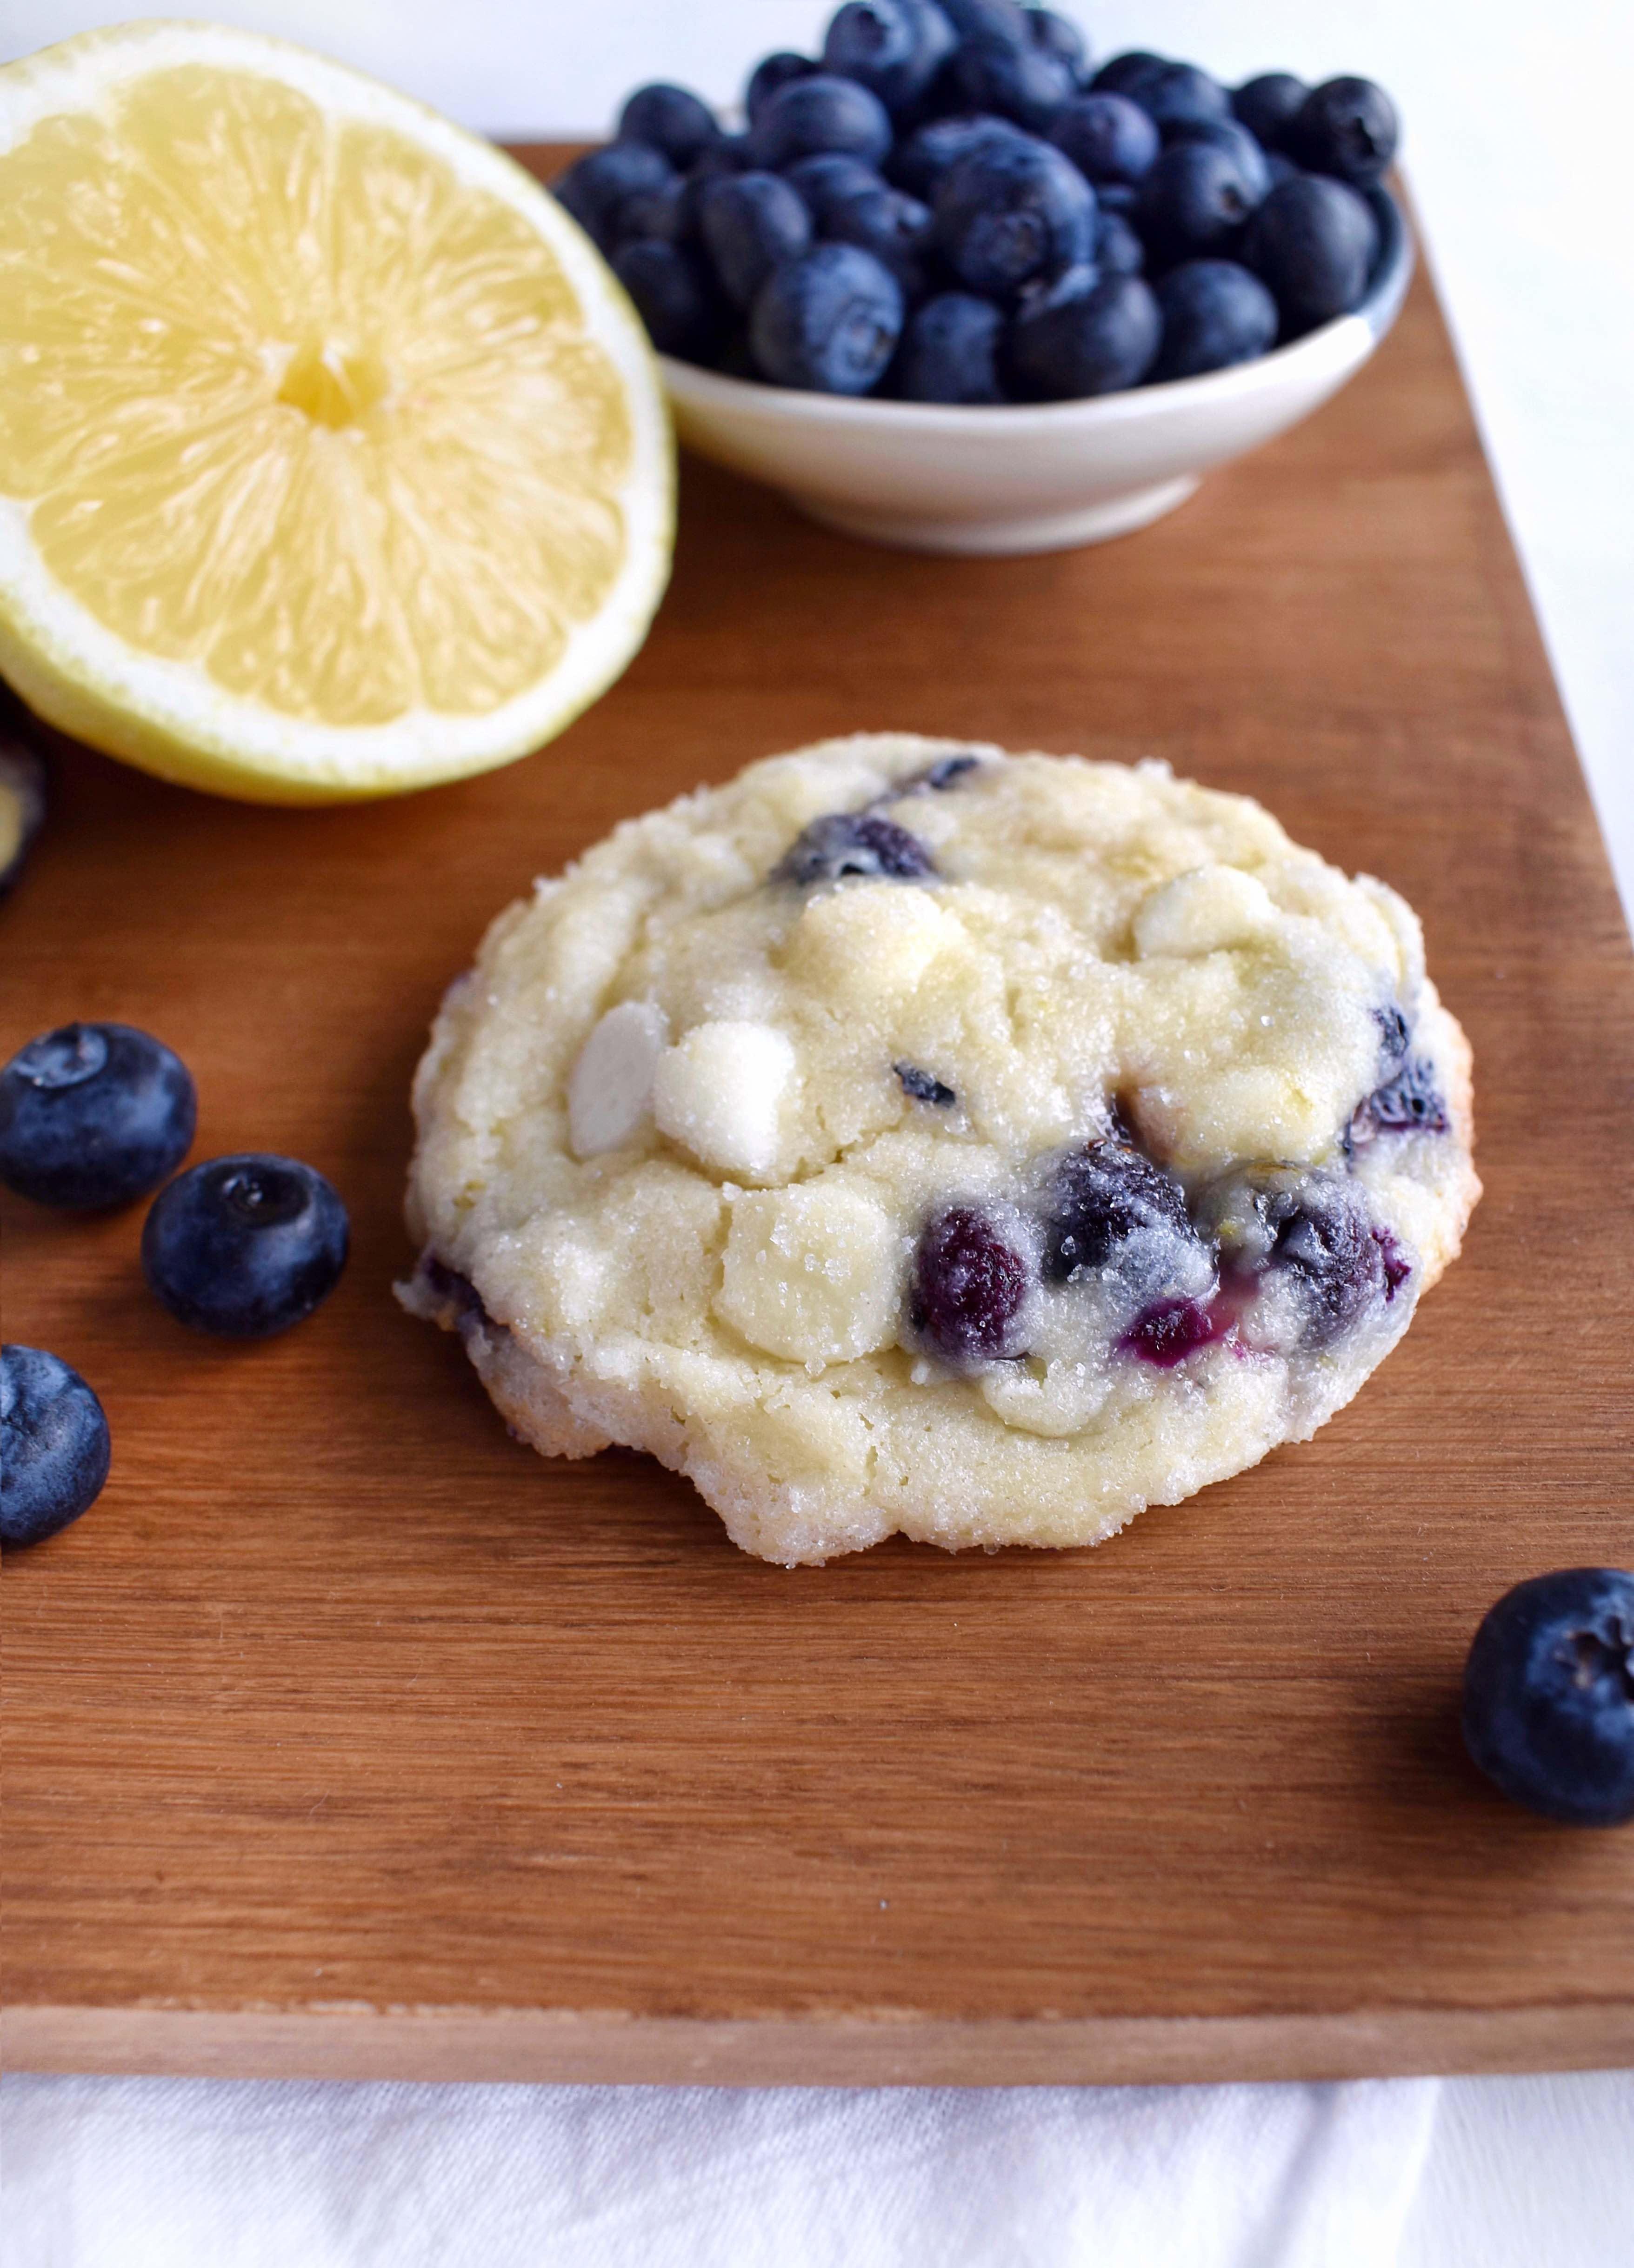 blueberry lemon cookie on wooden board